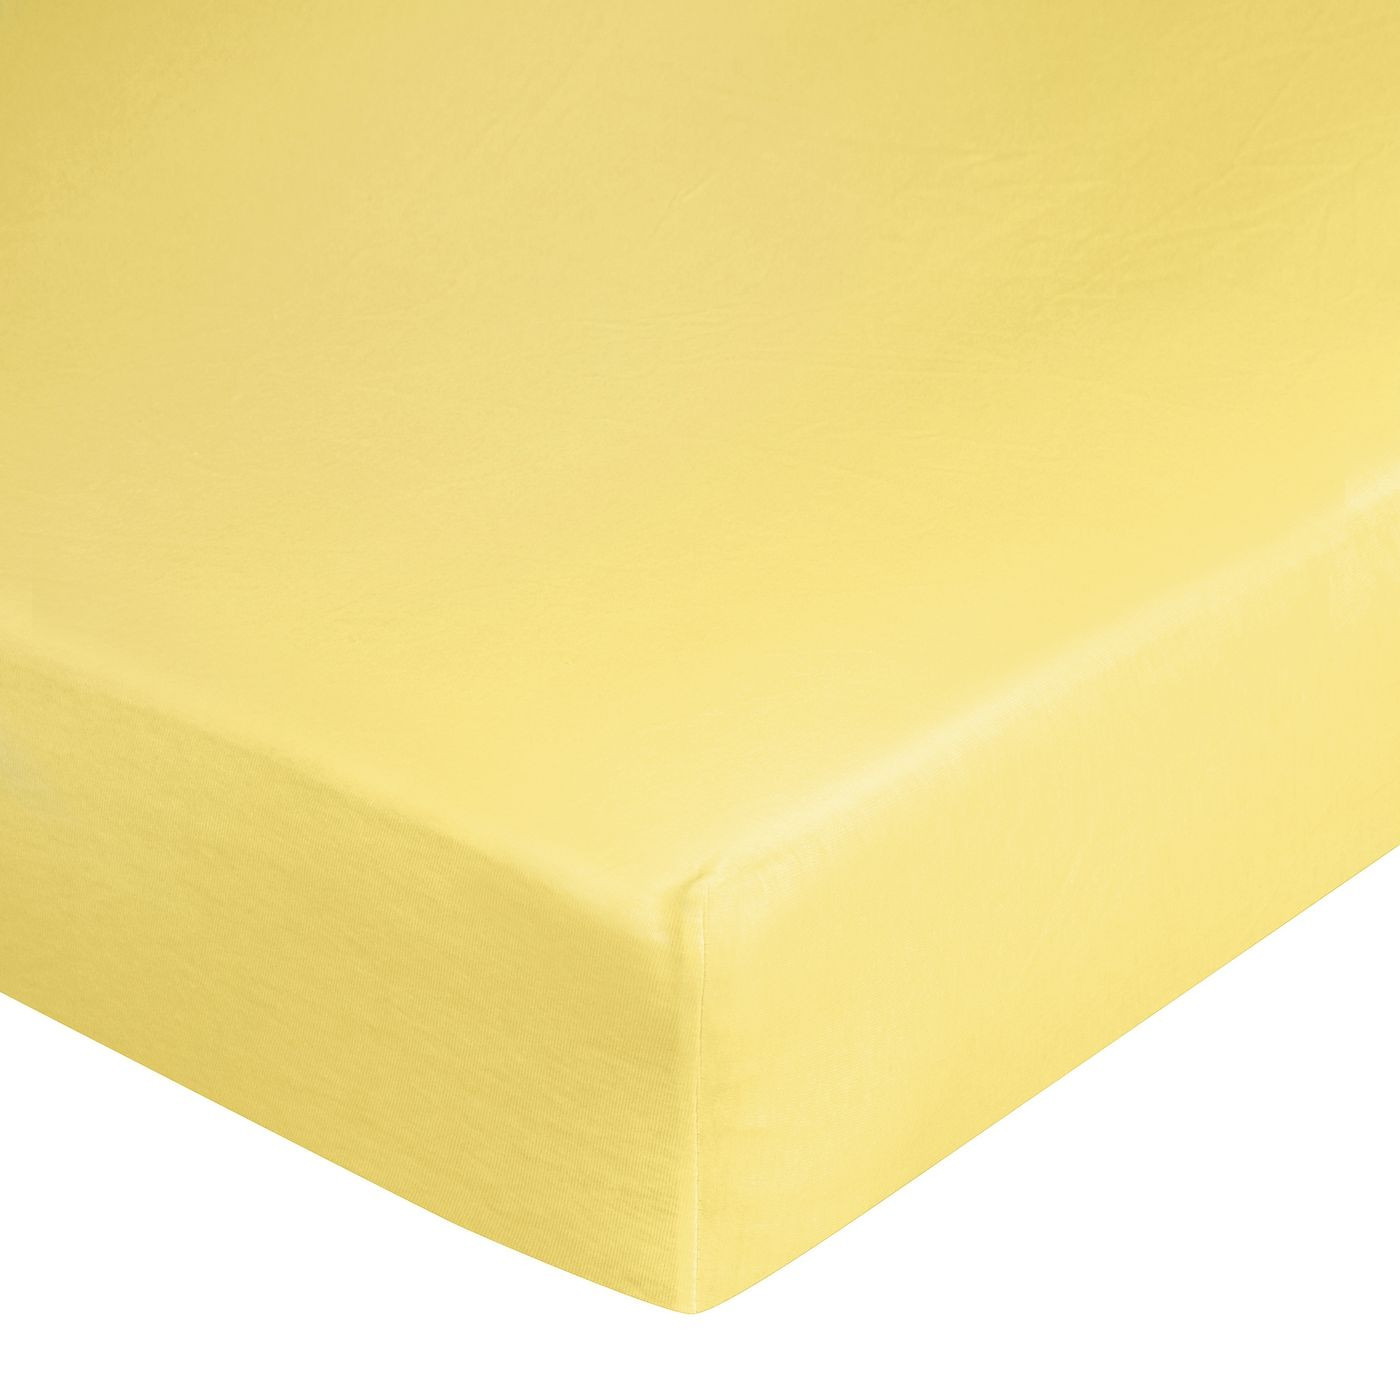 Żółte PRZEŚCIERADŁO BAWEŁNIANE  z jerseyu z gumką 140x200 cm